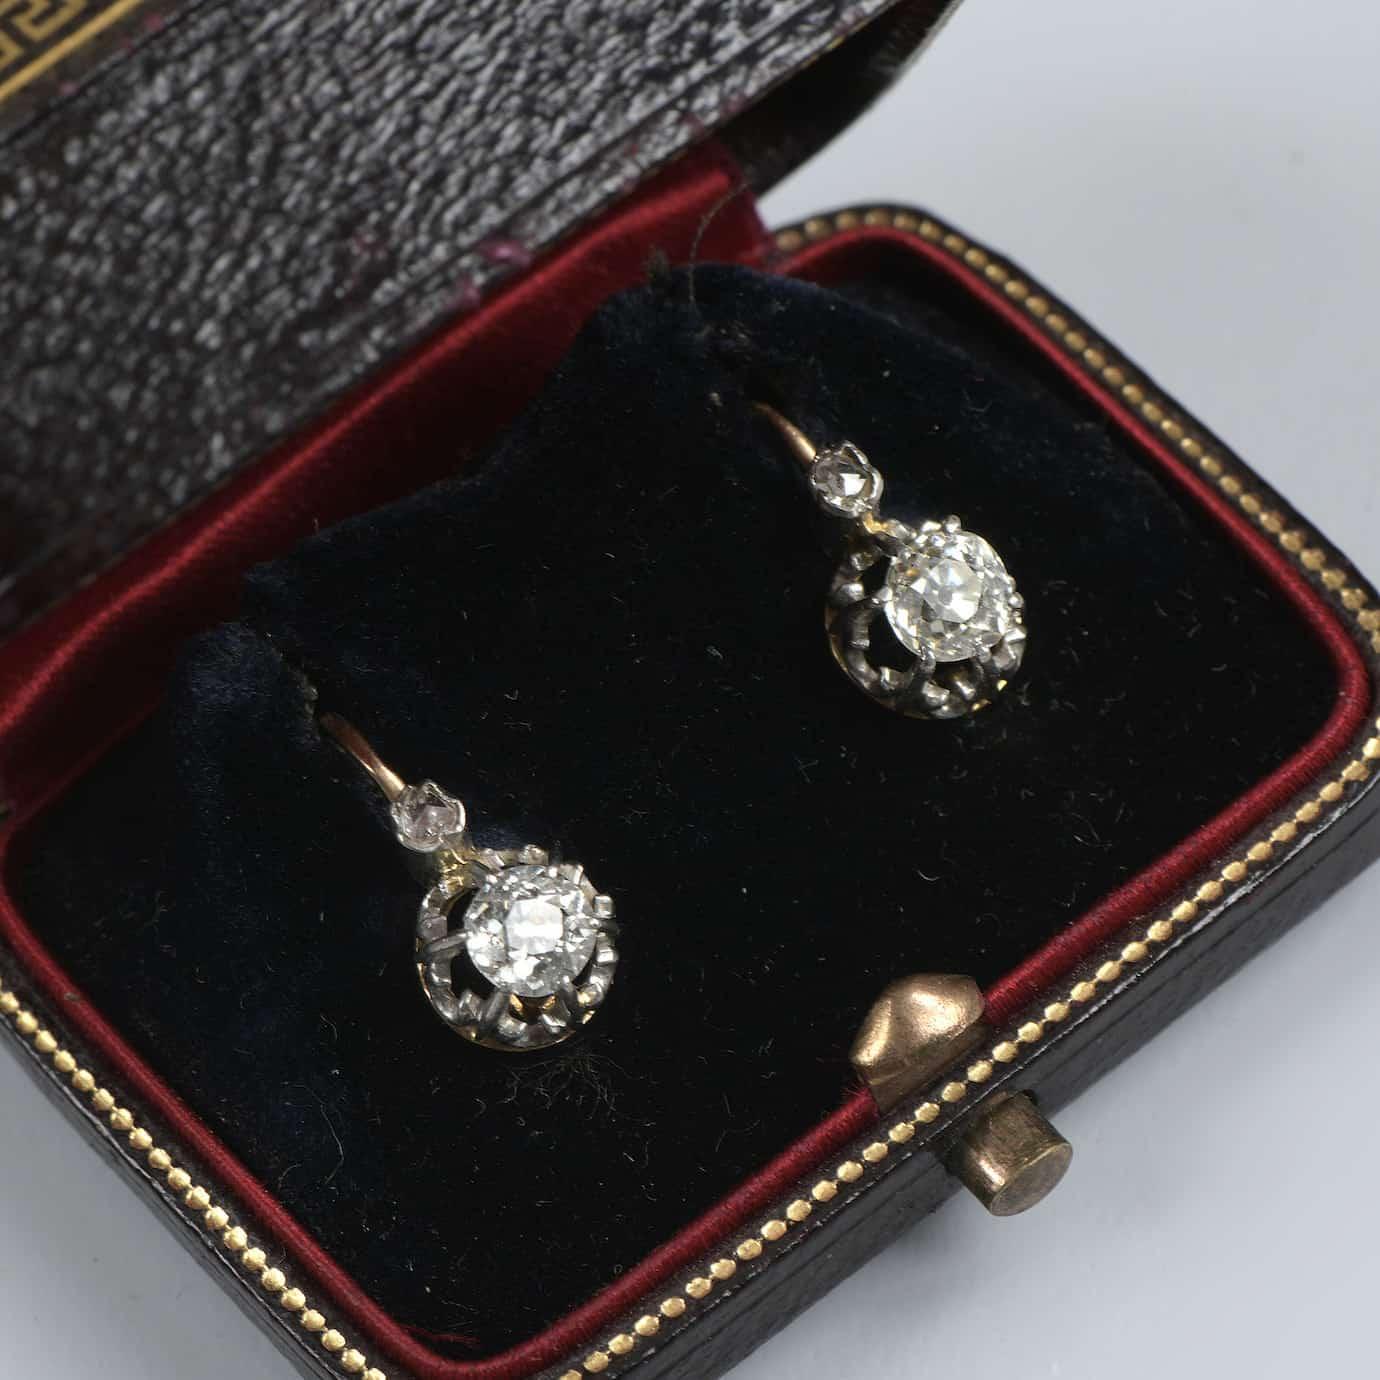 dormeuses diamant expert Flandrin